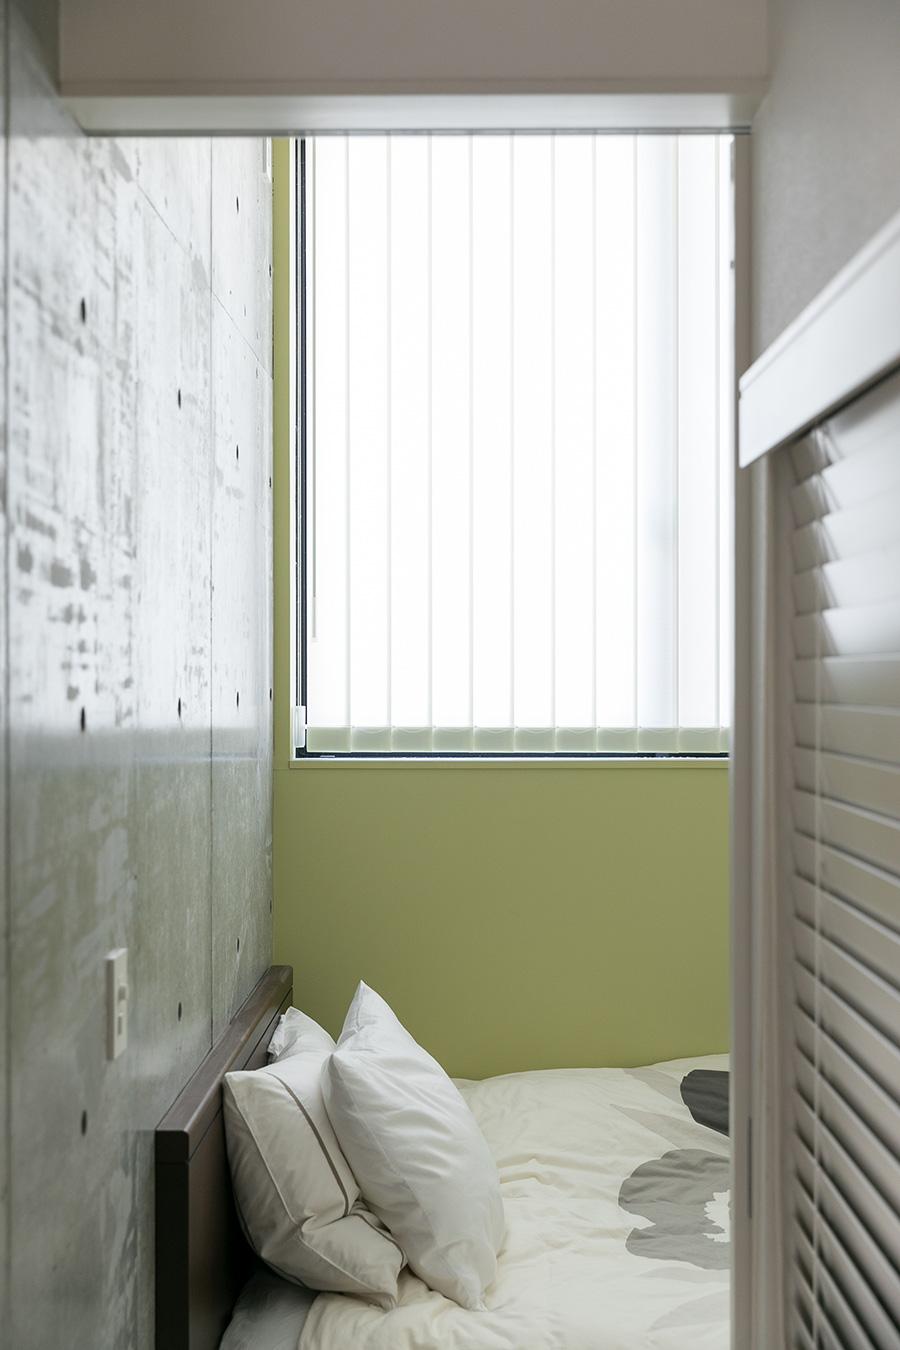 二階の寝室。壁は薄いグリーンの塗装でコンクリートに温かみを与えている。